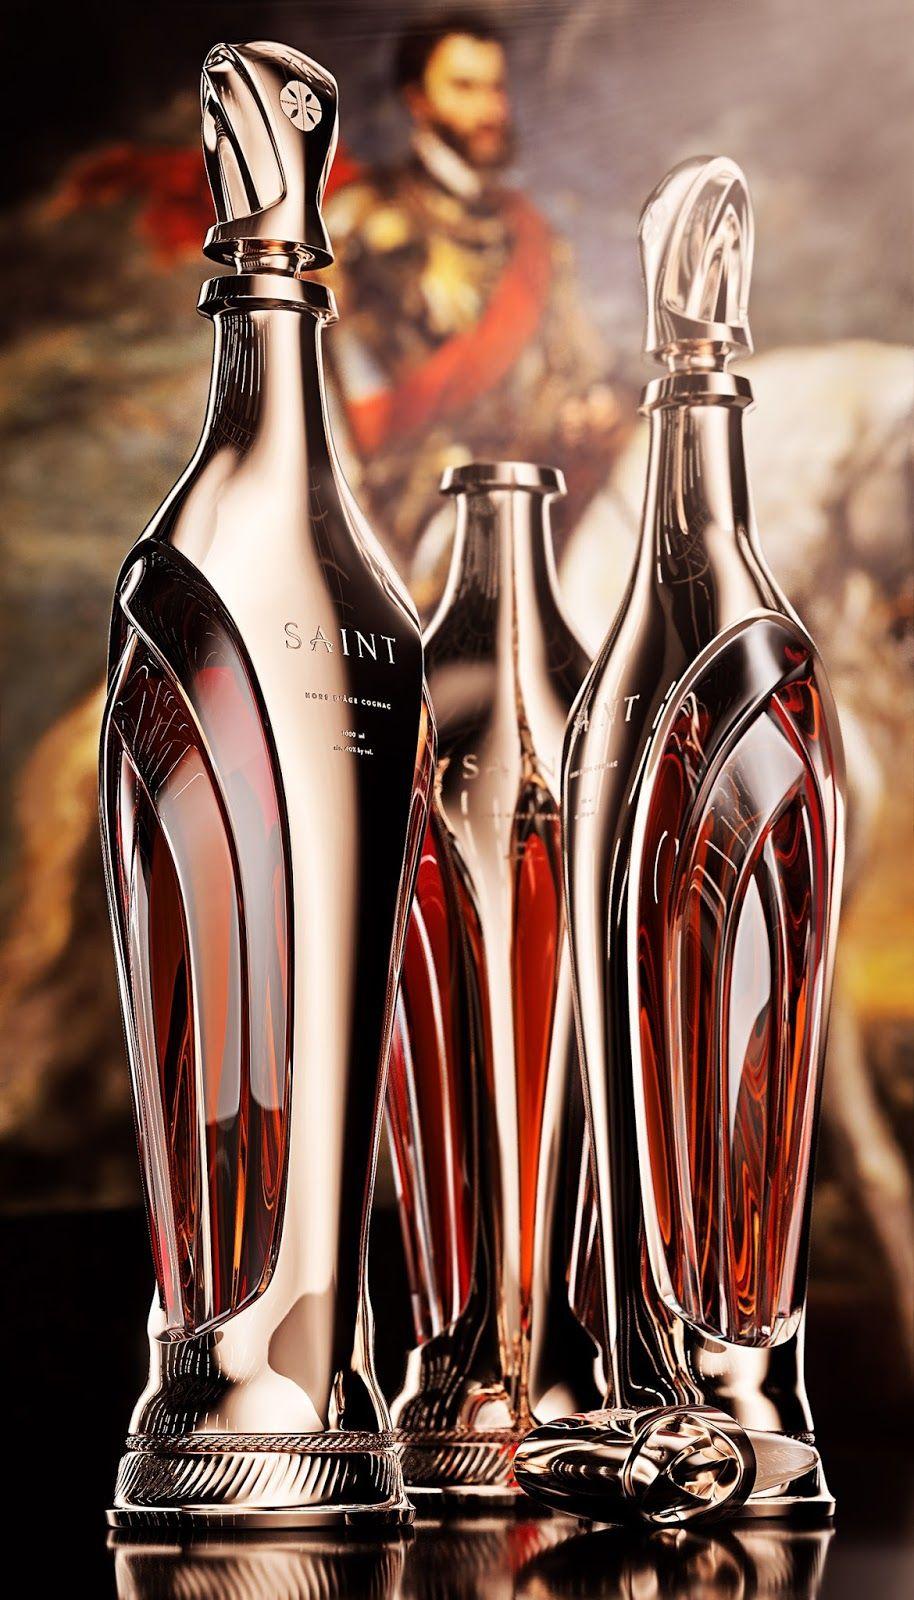 Saint – Luxury Cognac Bottle Concept